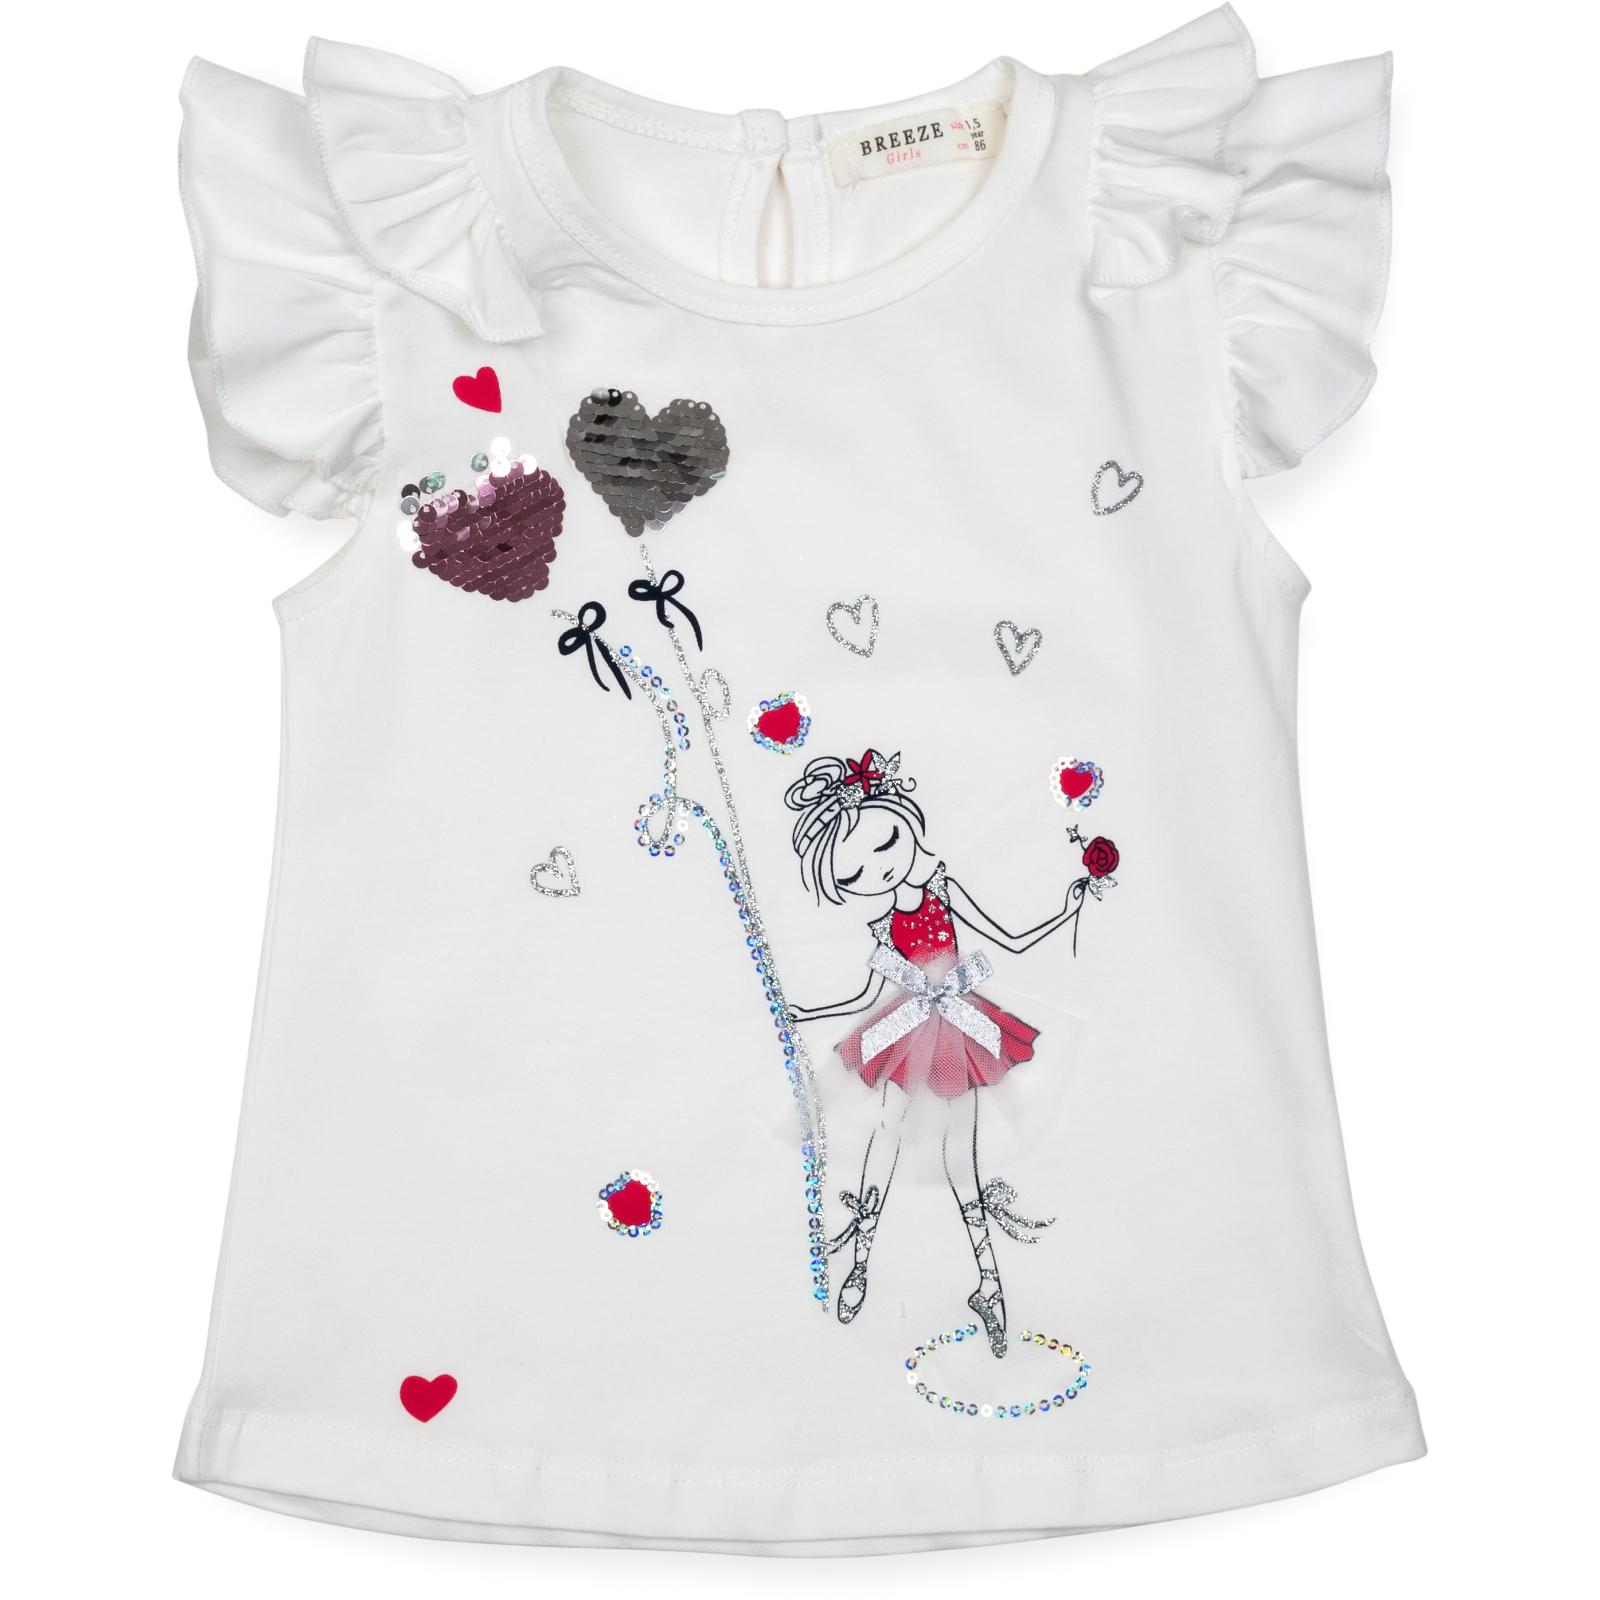 Набор детской одежды Breeze с балеринкой (13730-92G-cream) изображение 2